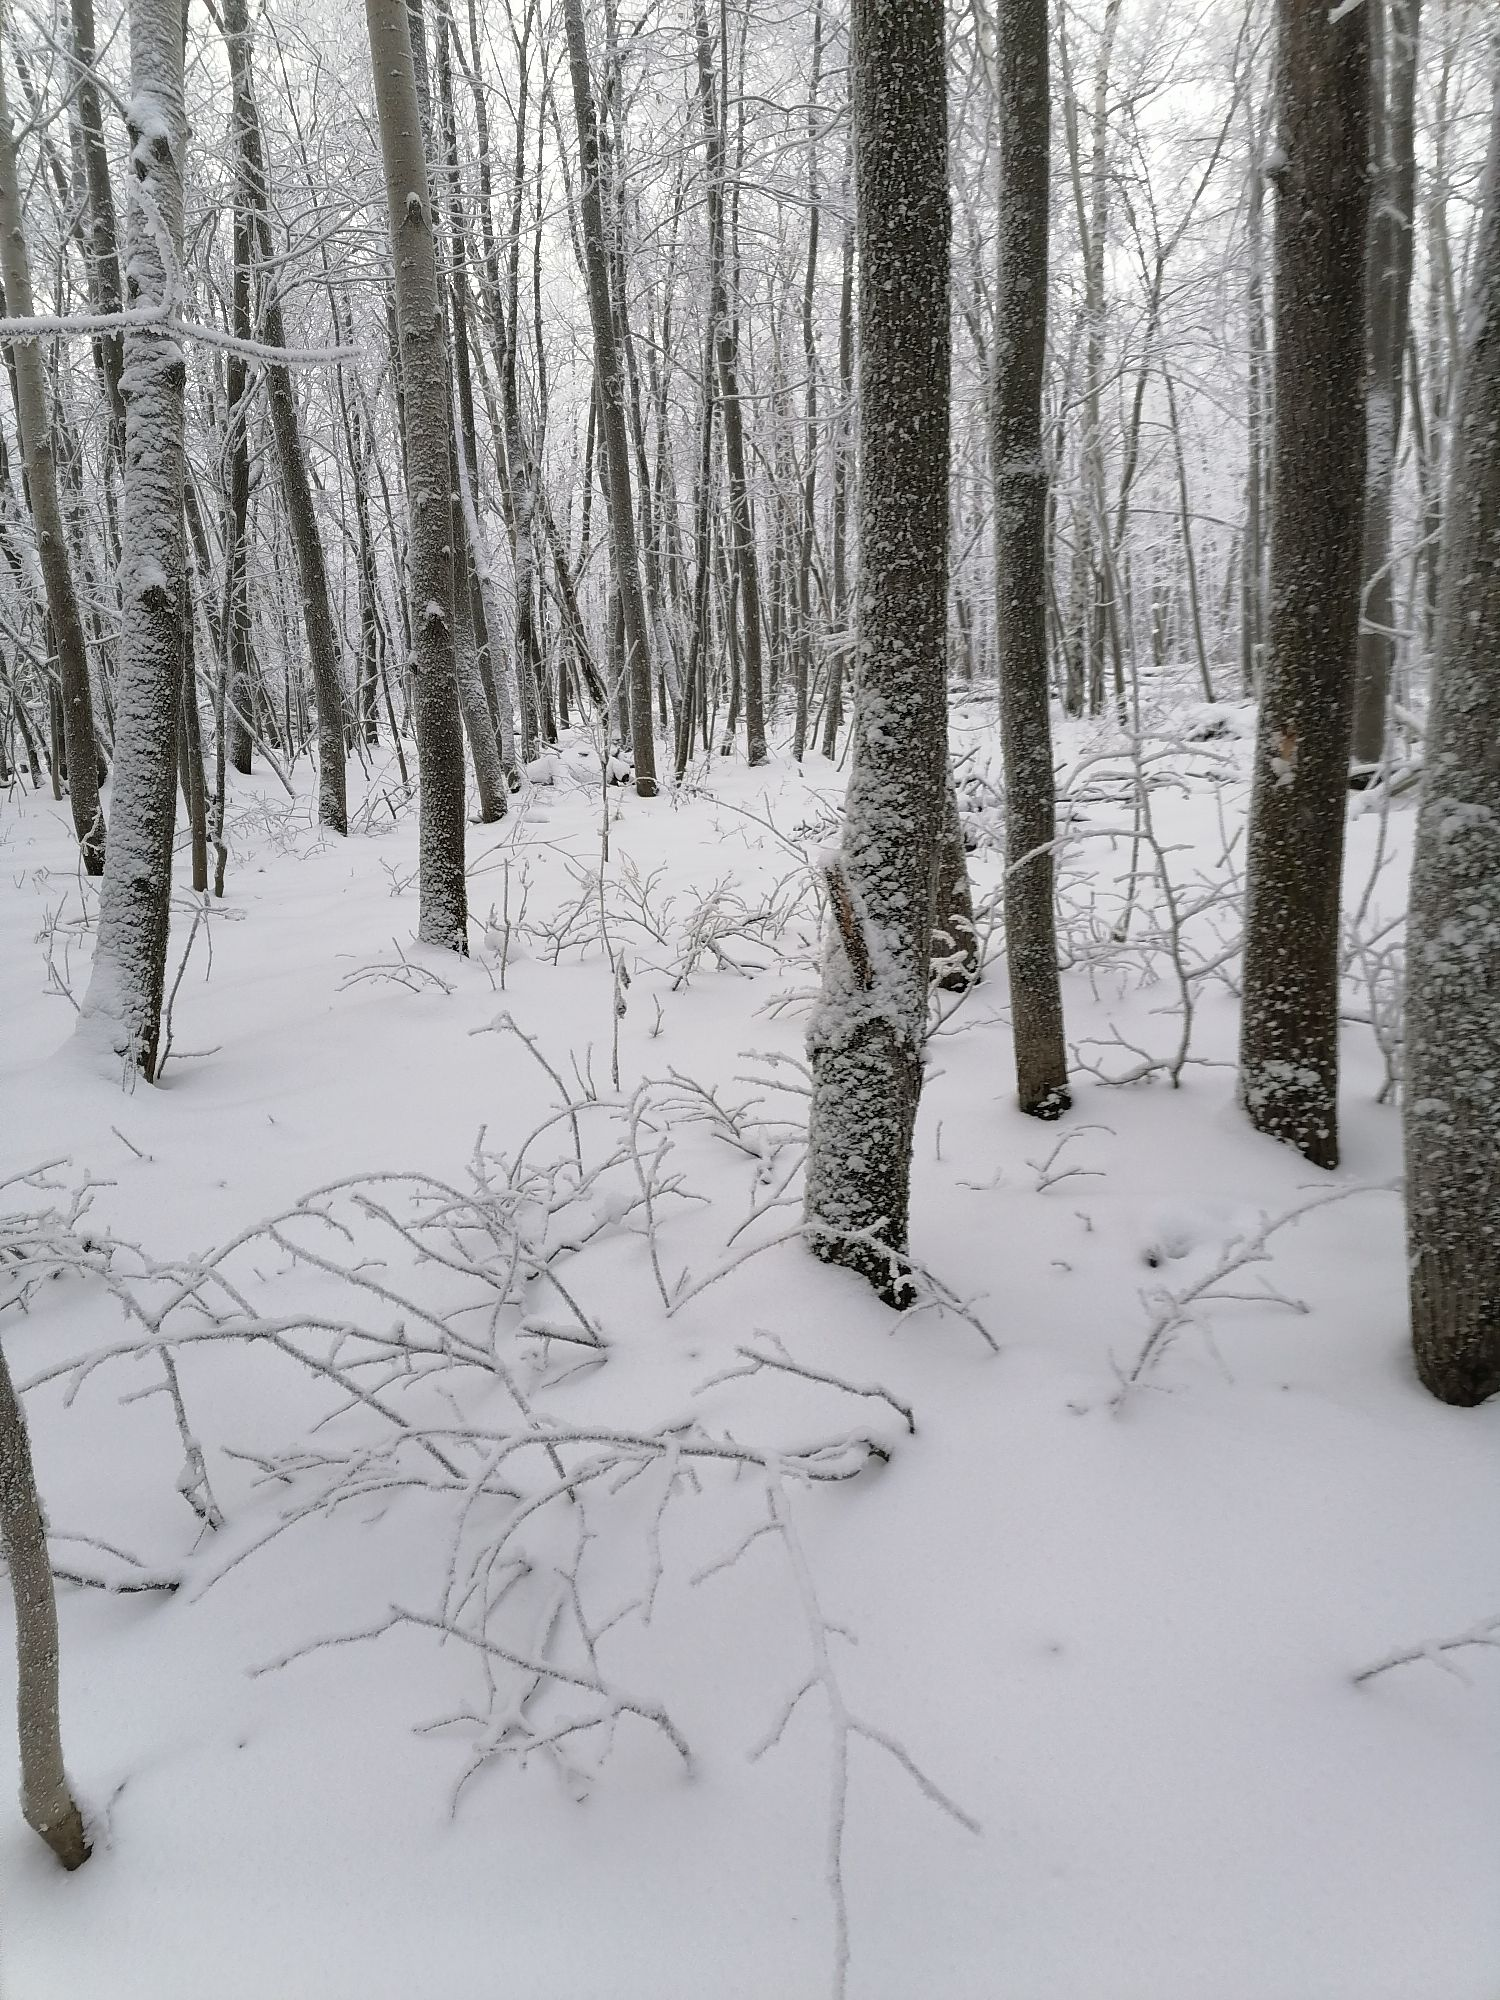 снег на стволах